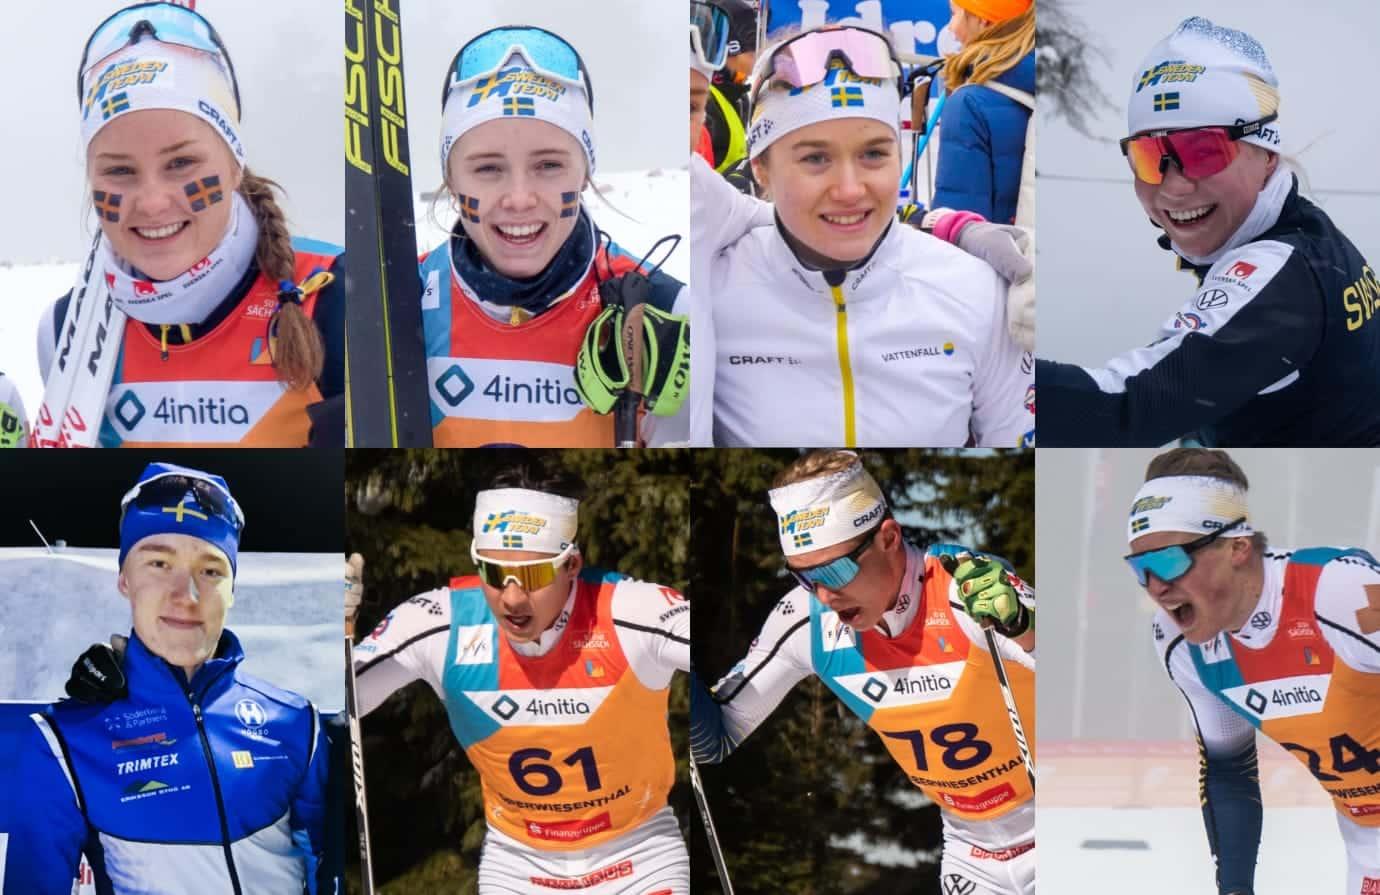 Team Svenska Spel Junior